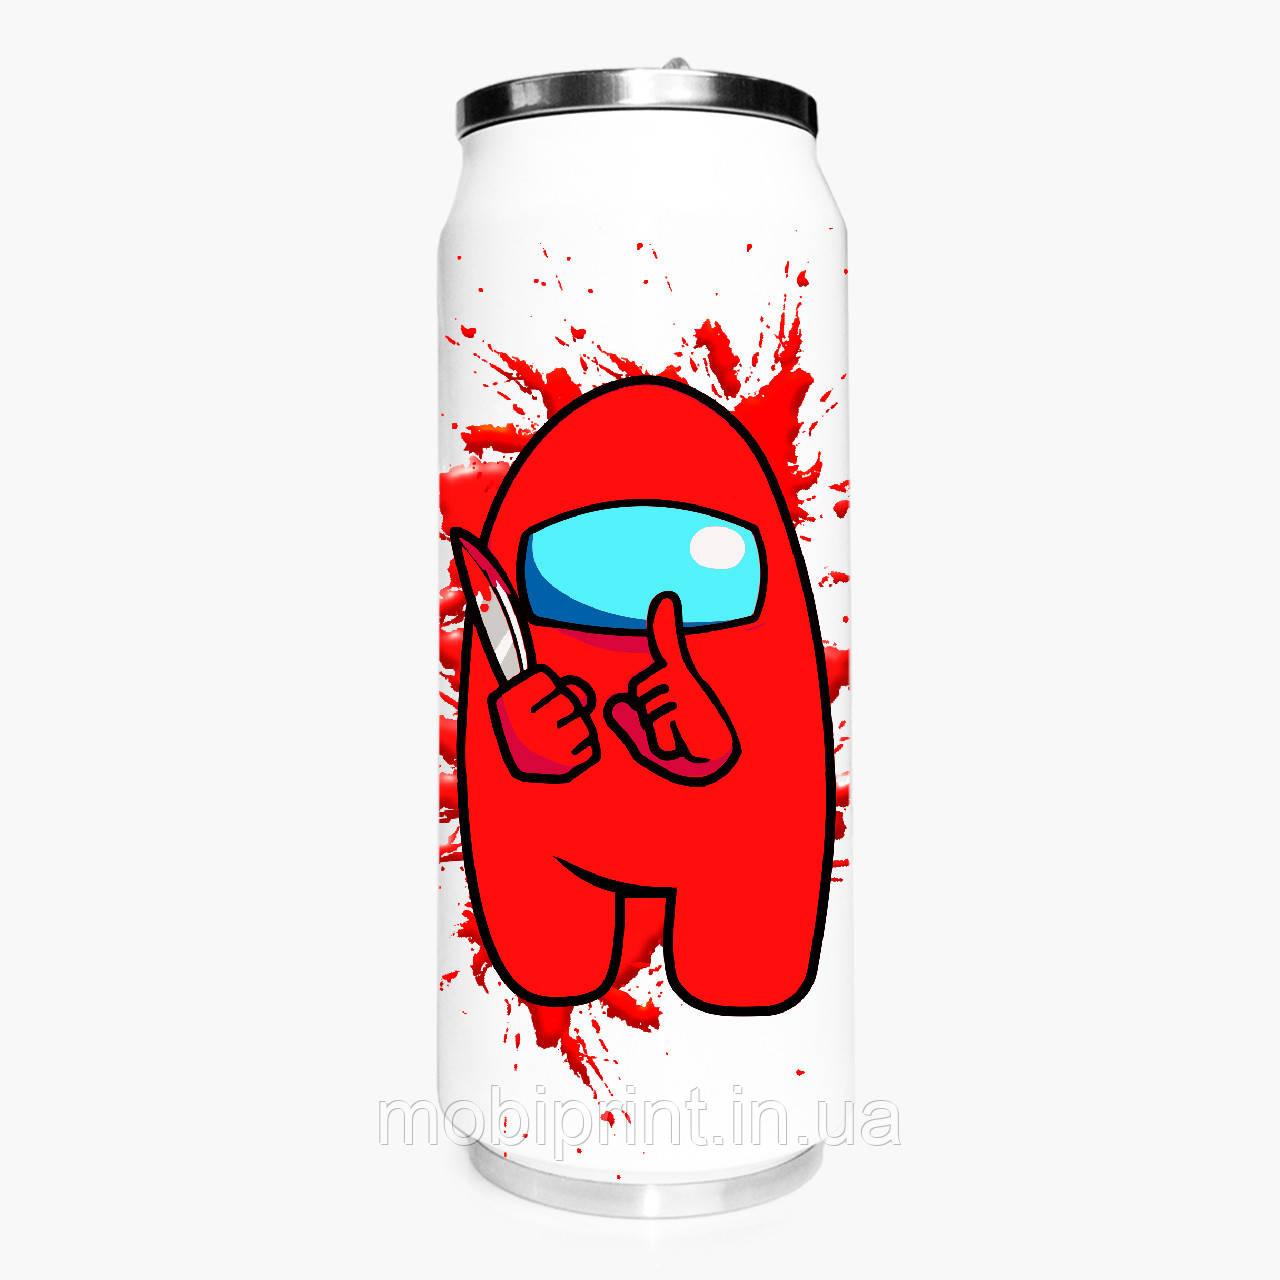 Термобанка Амонг Ас Красный (Among Us Red) 500 мл (31091-2417-1) термокружка из нержавеющей стали